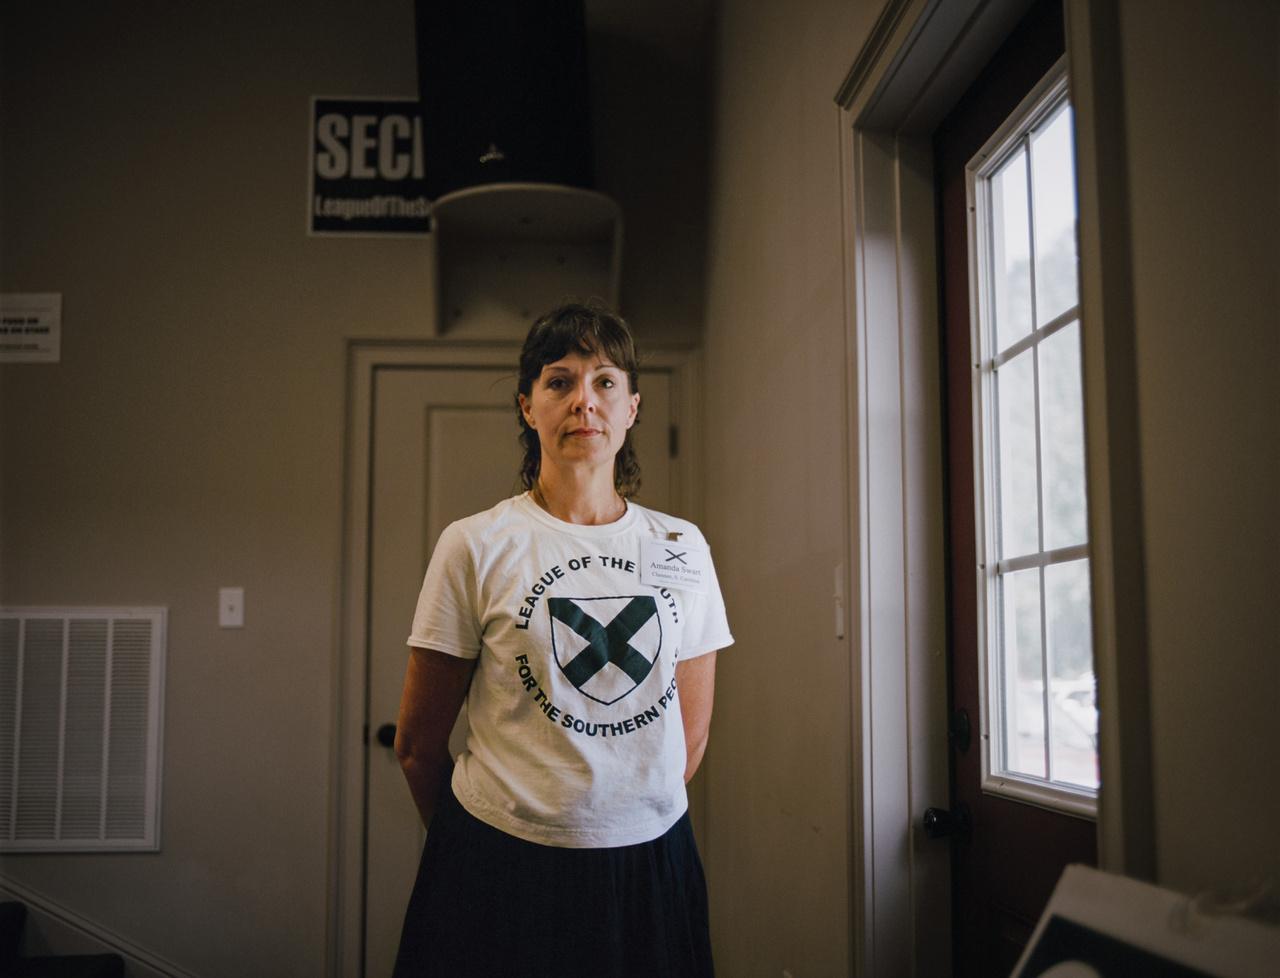 Amanda egy olyan neo-konföderációs szervezet vezetőségének tagja, mely nyíltan sürgeti a déli államok elszakadását, és tagjai szitne mind támogatják a rabszolgaság visszaálítását. Glenna Gordon részt is vett a Déli Liga egyik taggyűlésén, míg egy idő után minden indok nélkül ki nem dobták.